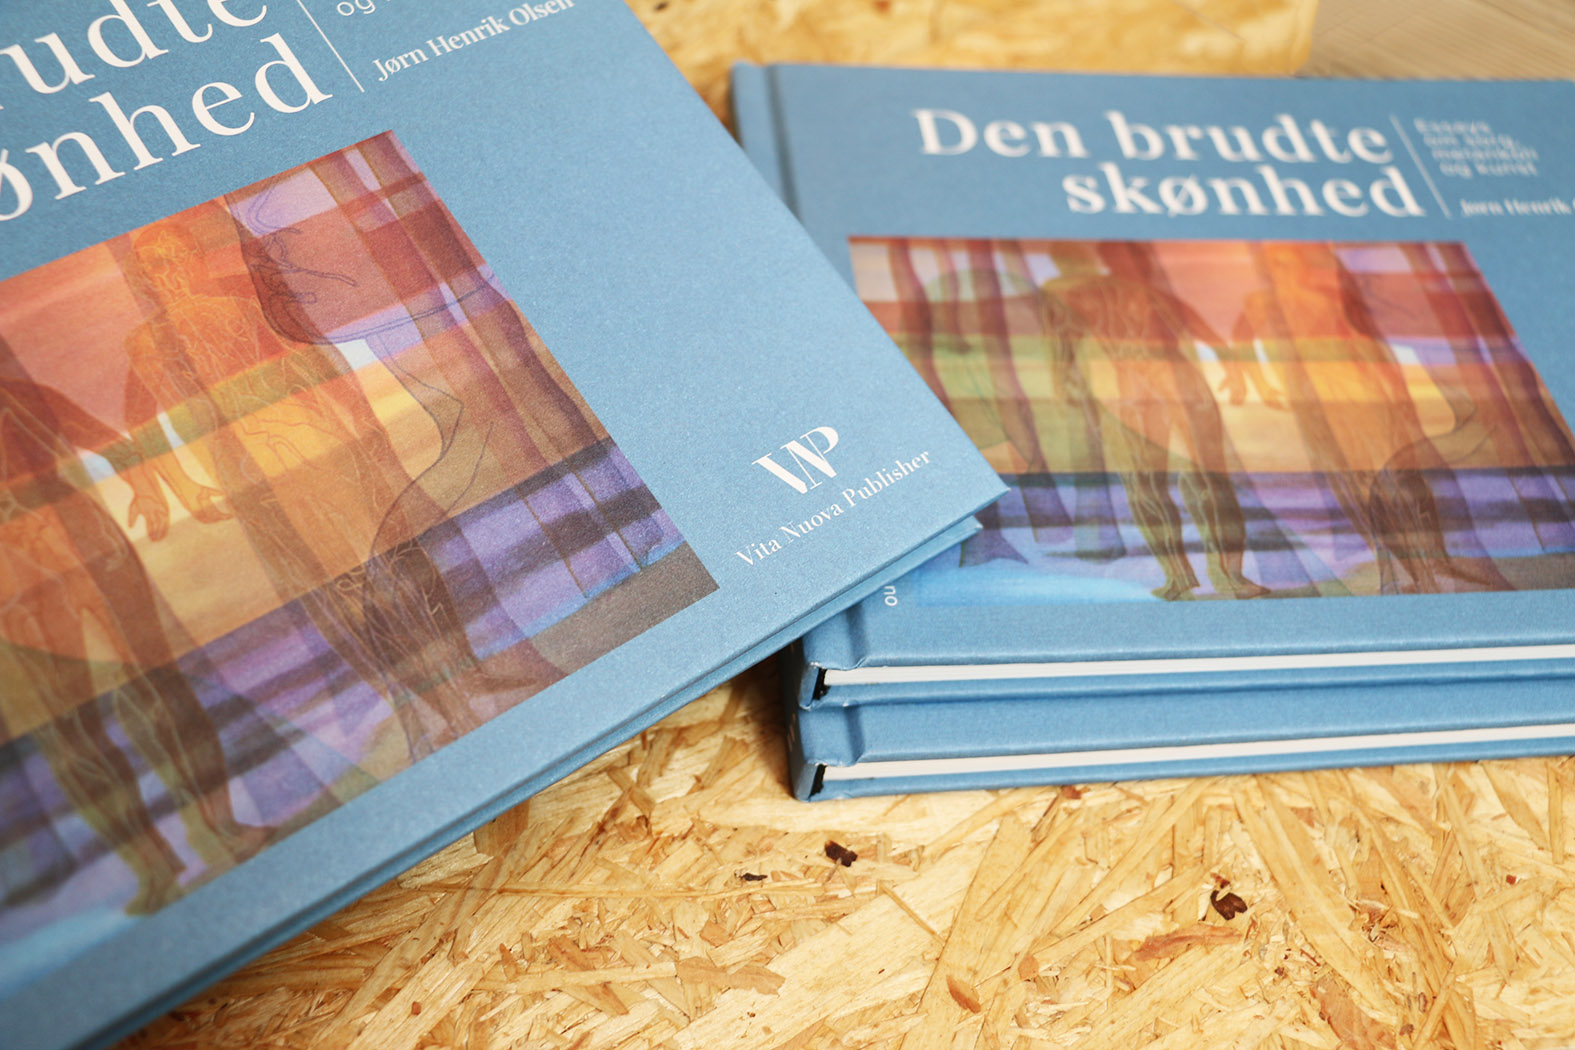 Bogdesign_Den_brudte_skønhed_1